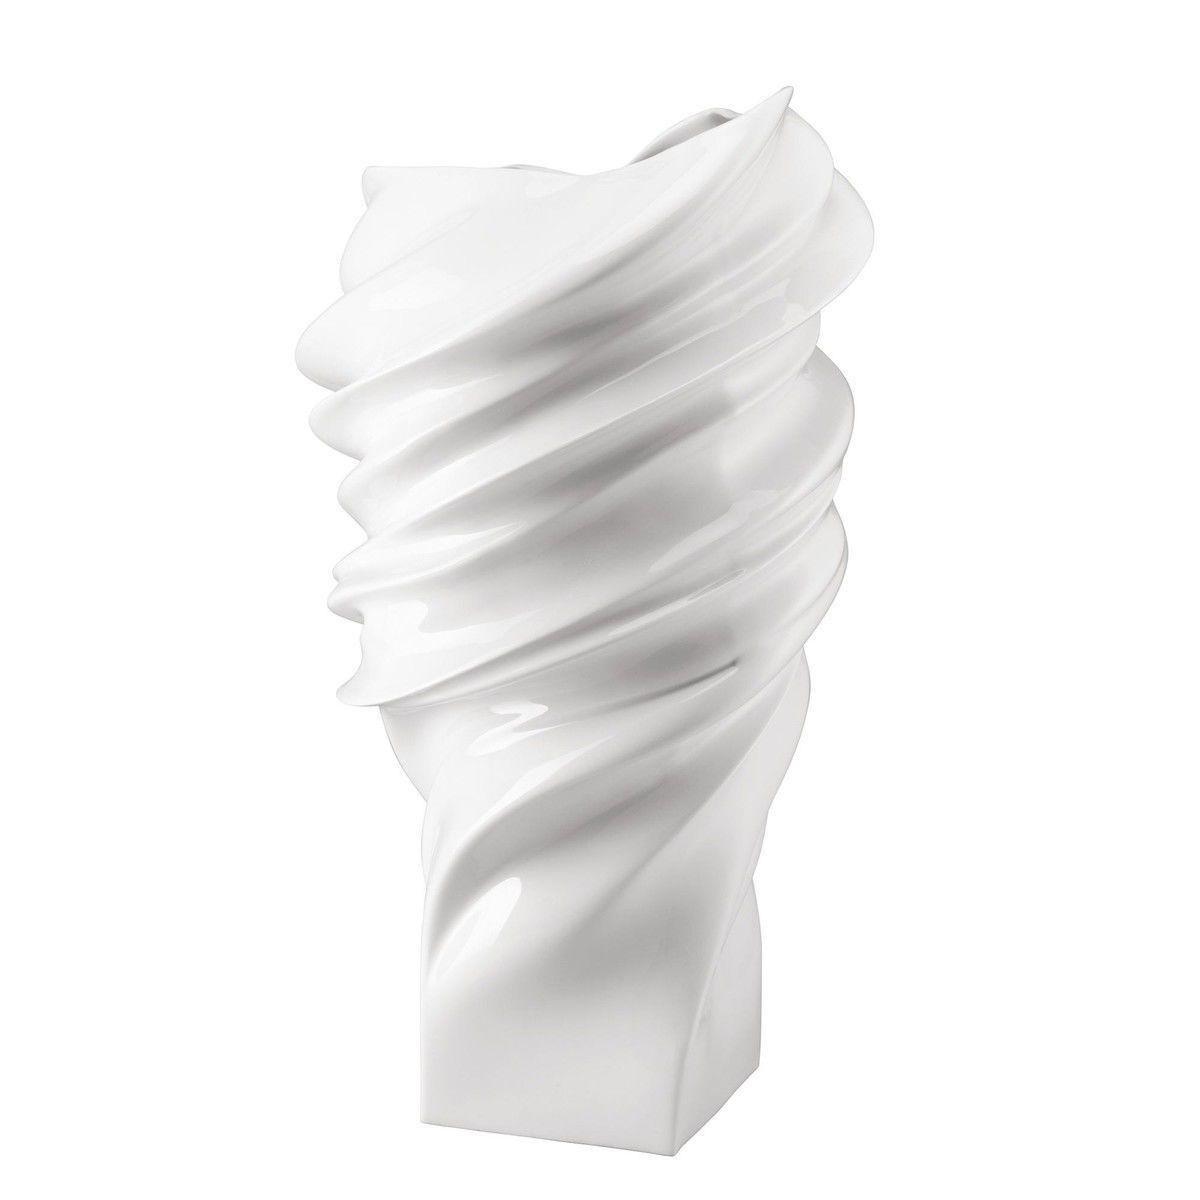 rosenthal squall vase rosenthal. Black Bedroom Furniture Sets. Home Design Ideas